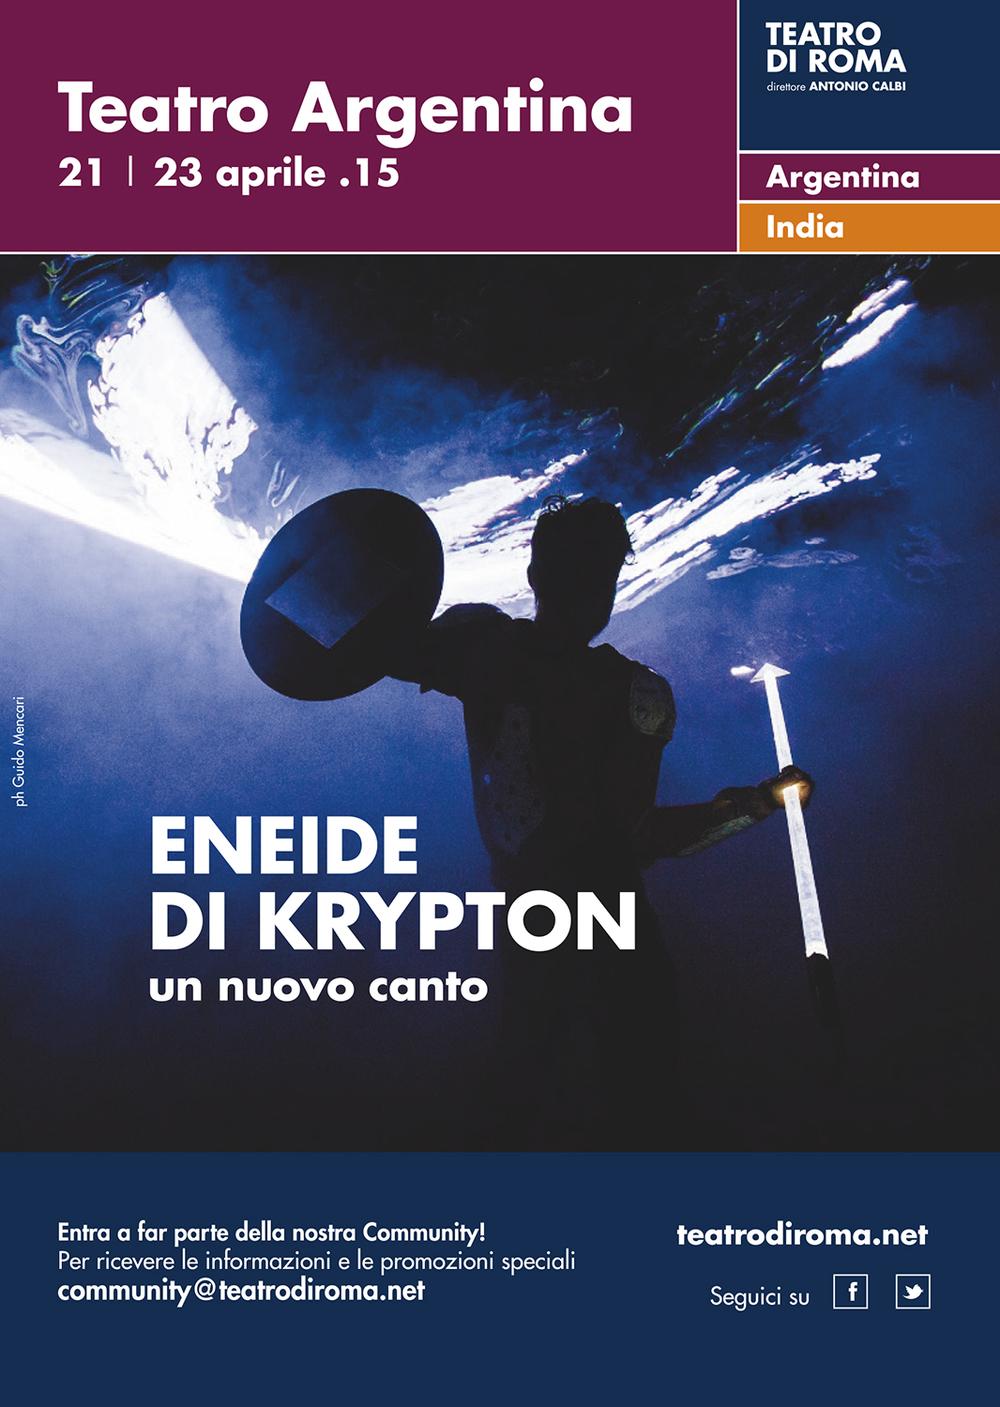 Teatro Studio Krypton |Eneide di Krypton.Un nuovo canto   Teatro Studio Krypton and Beau Geste   Brochure   Teatro di Roma, 2015